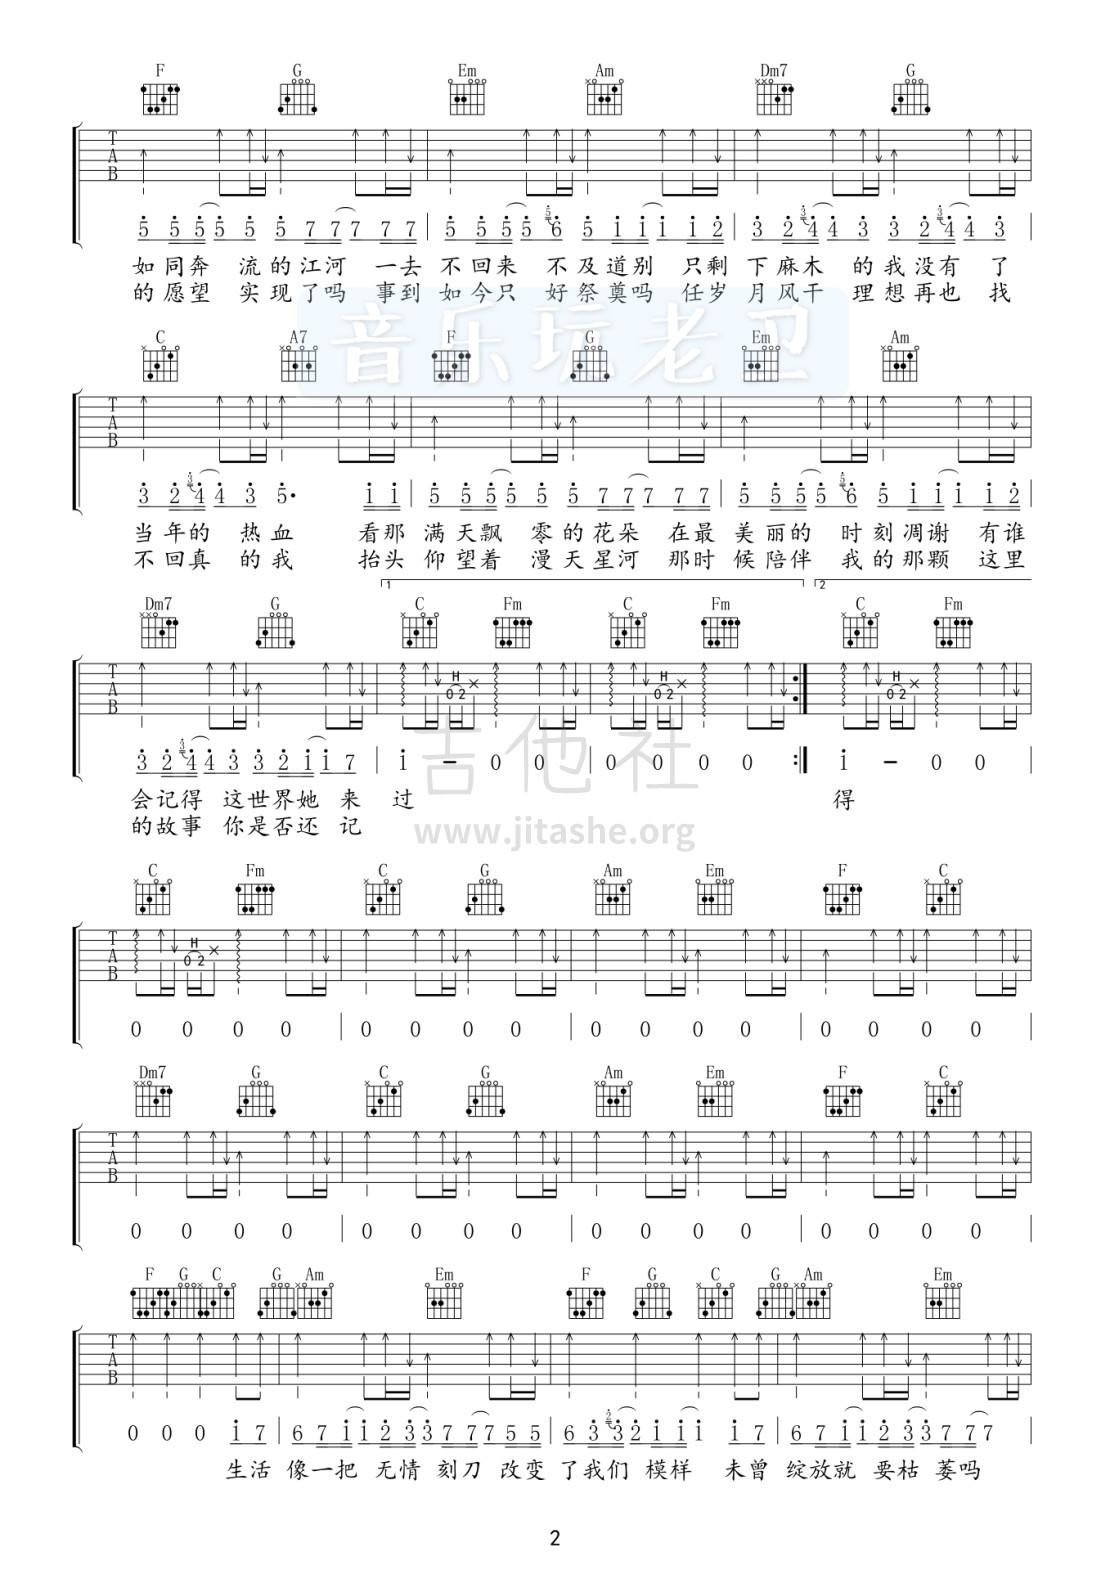 老男孩(音乐玩老卫)吉他谱(图片谱,弹唱)_筷子兄弟(肖央;王太利)_2